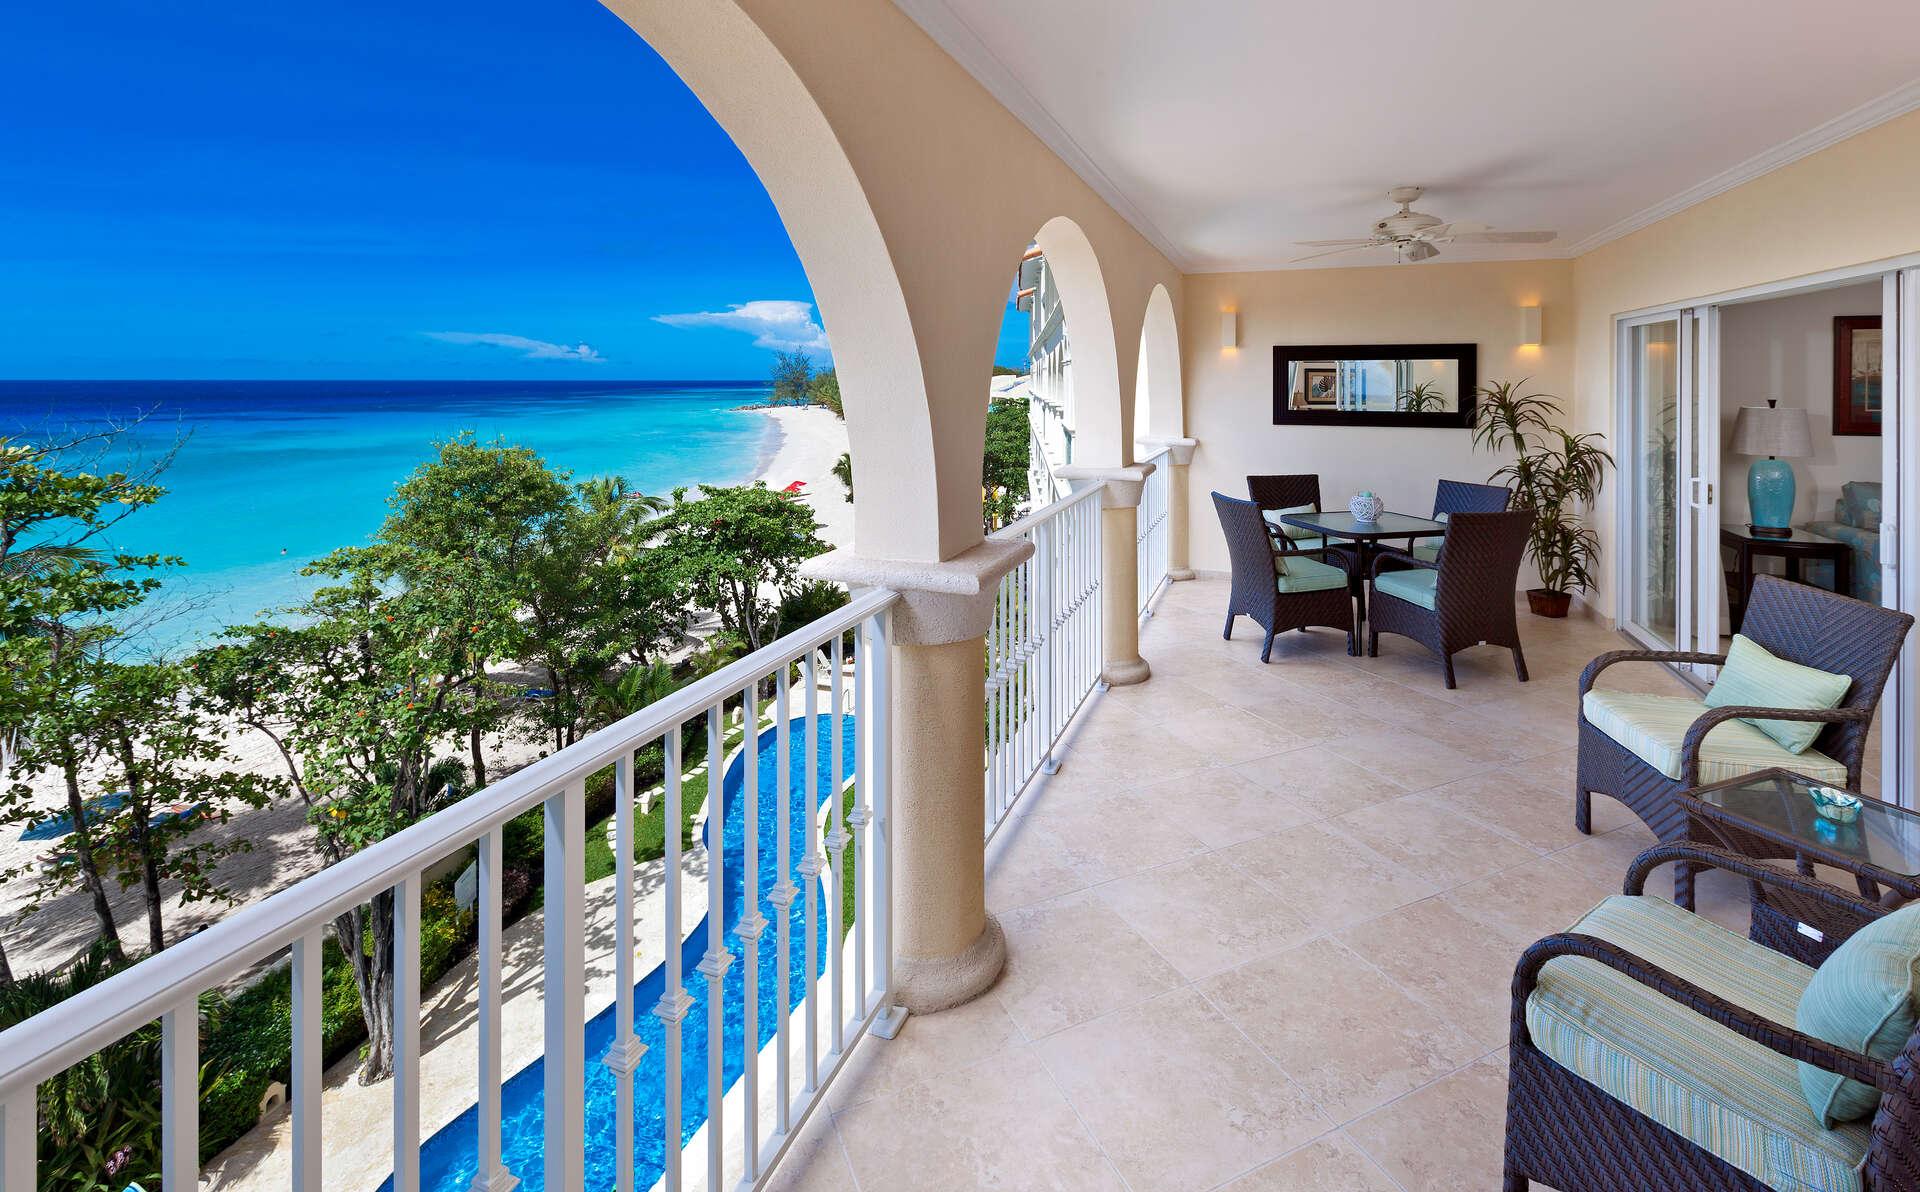 Luxury villa rentals caribbean - Barbados - Christ church - Sapphire beach condos - Sapphire Beach 407 - Image 1/14